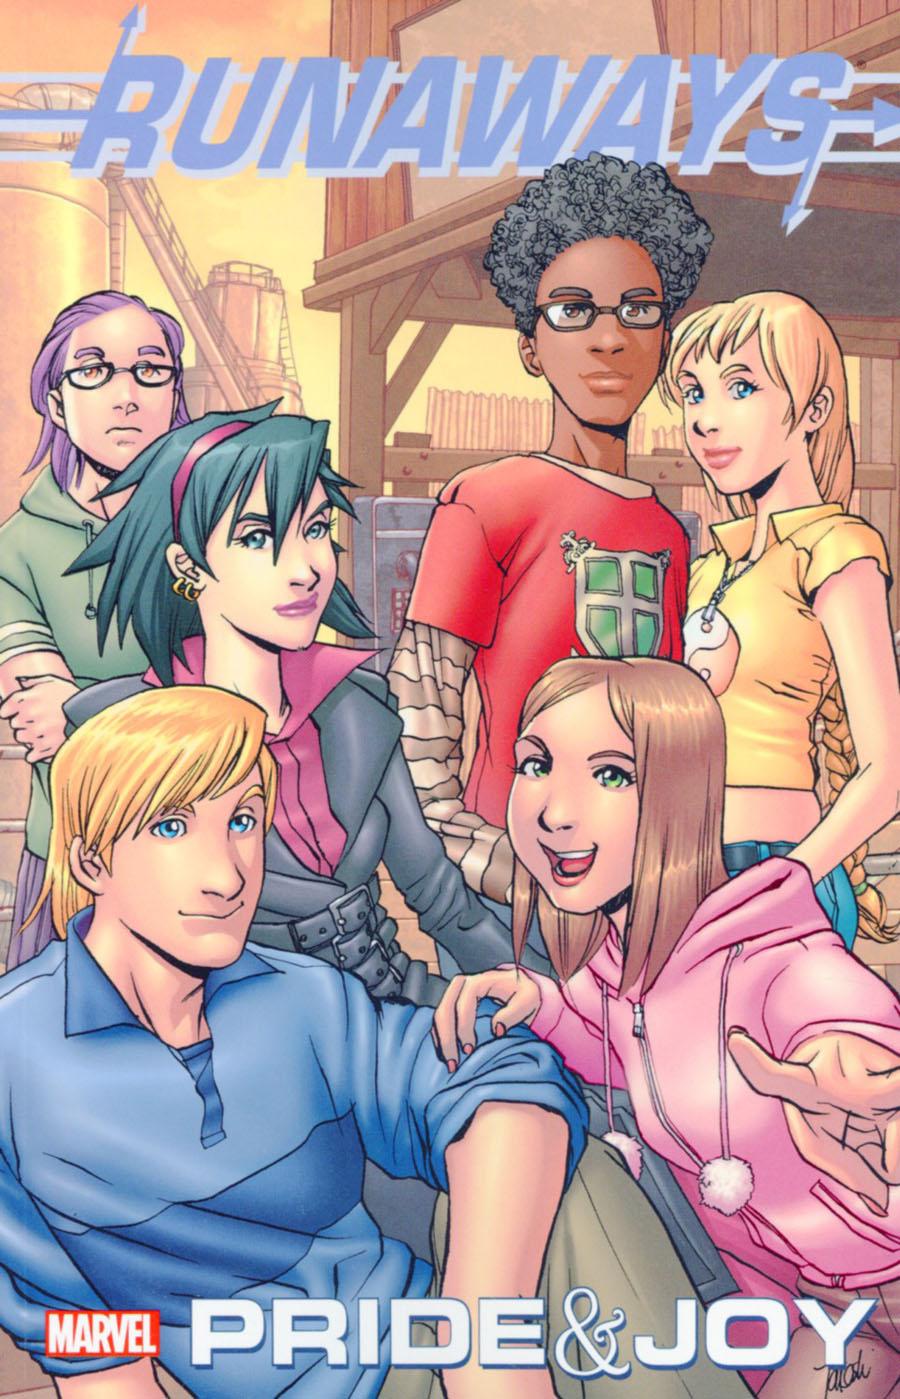 Runaways Vol 1 Pride And Joy TP New Printing